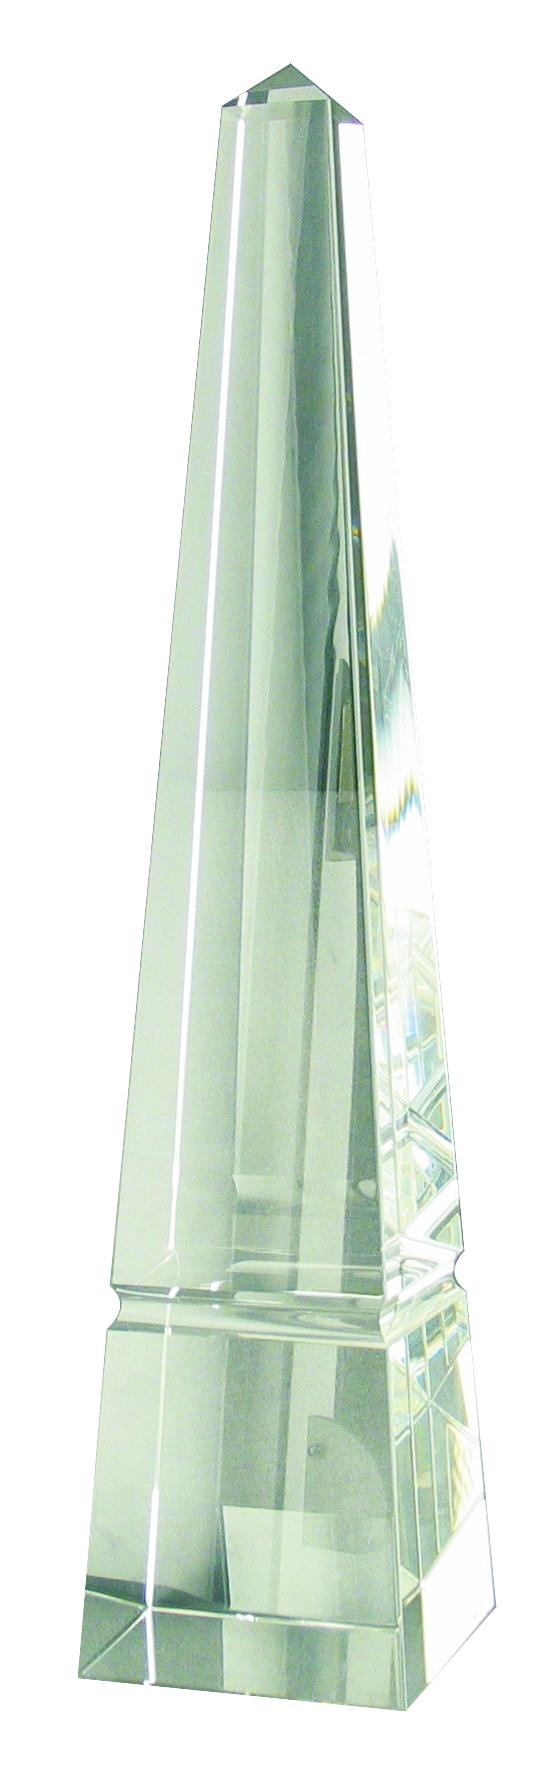 CC724 Crystal Obelisk Award Image